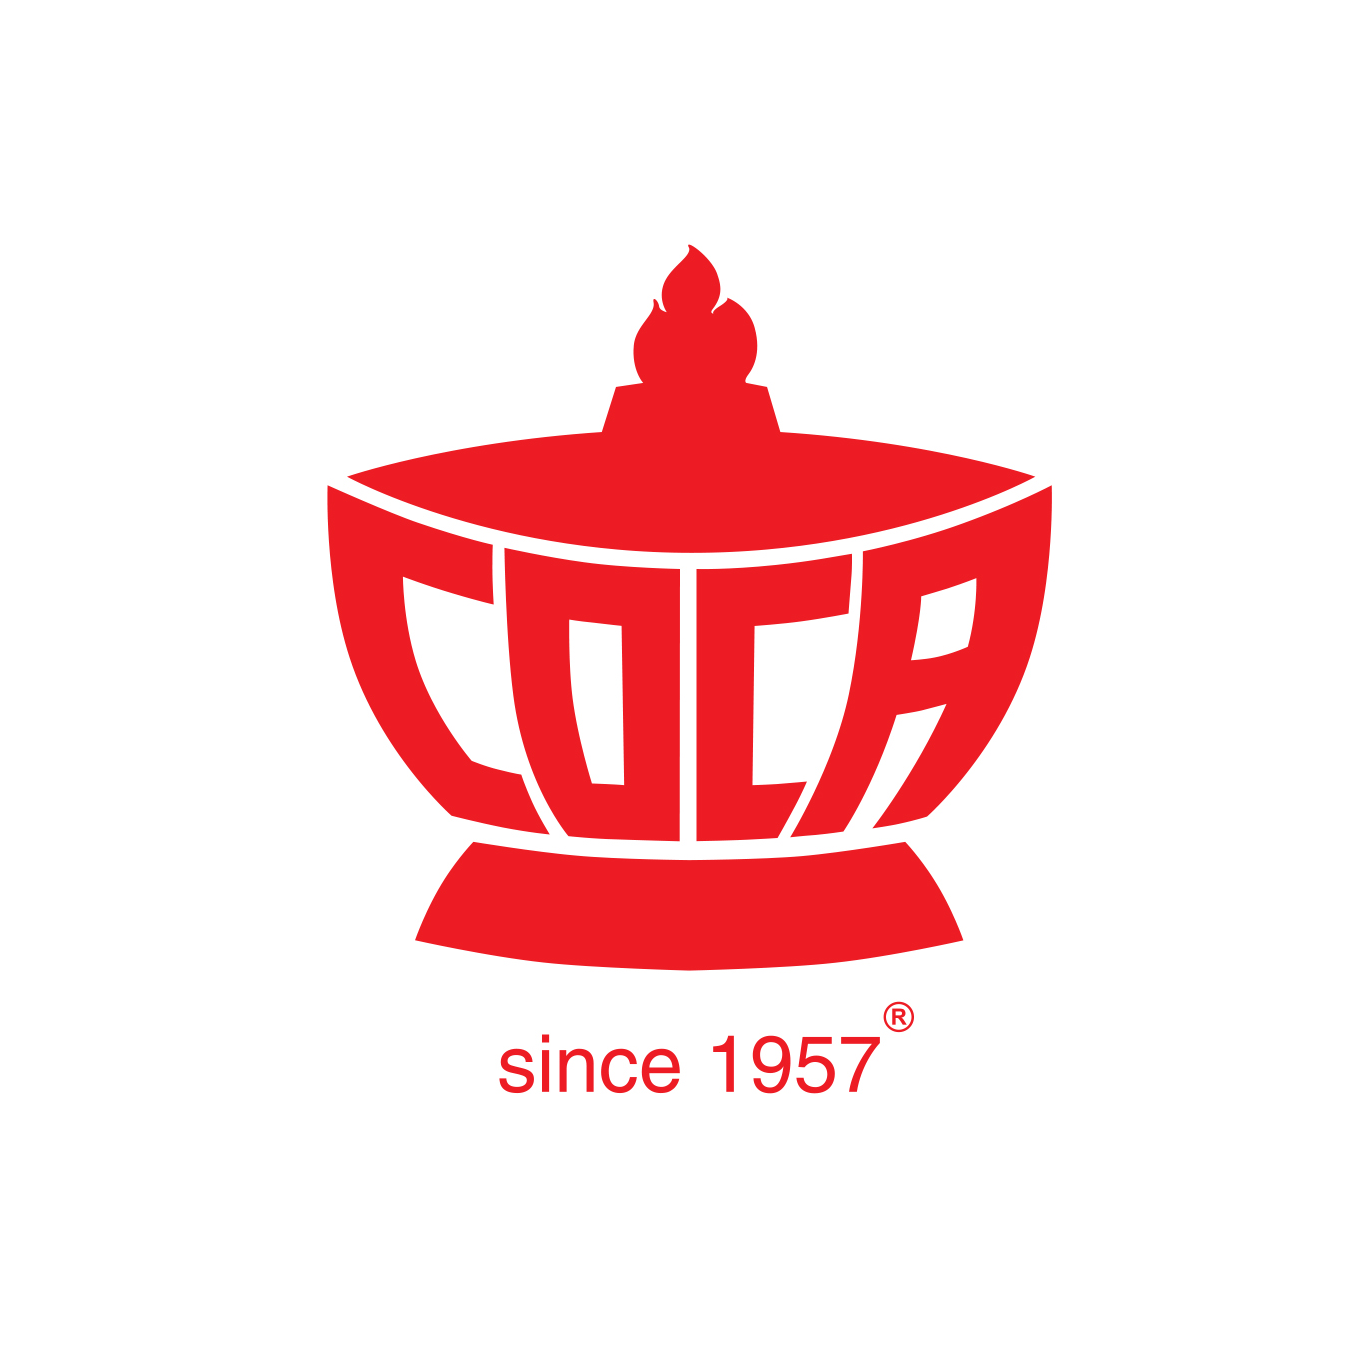 Coca Resturant